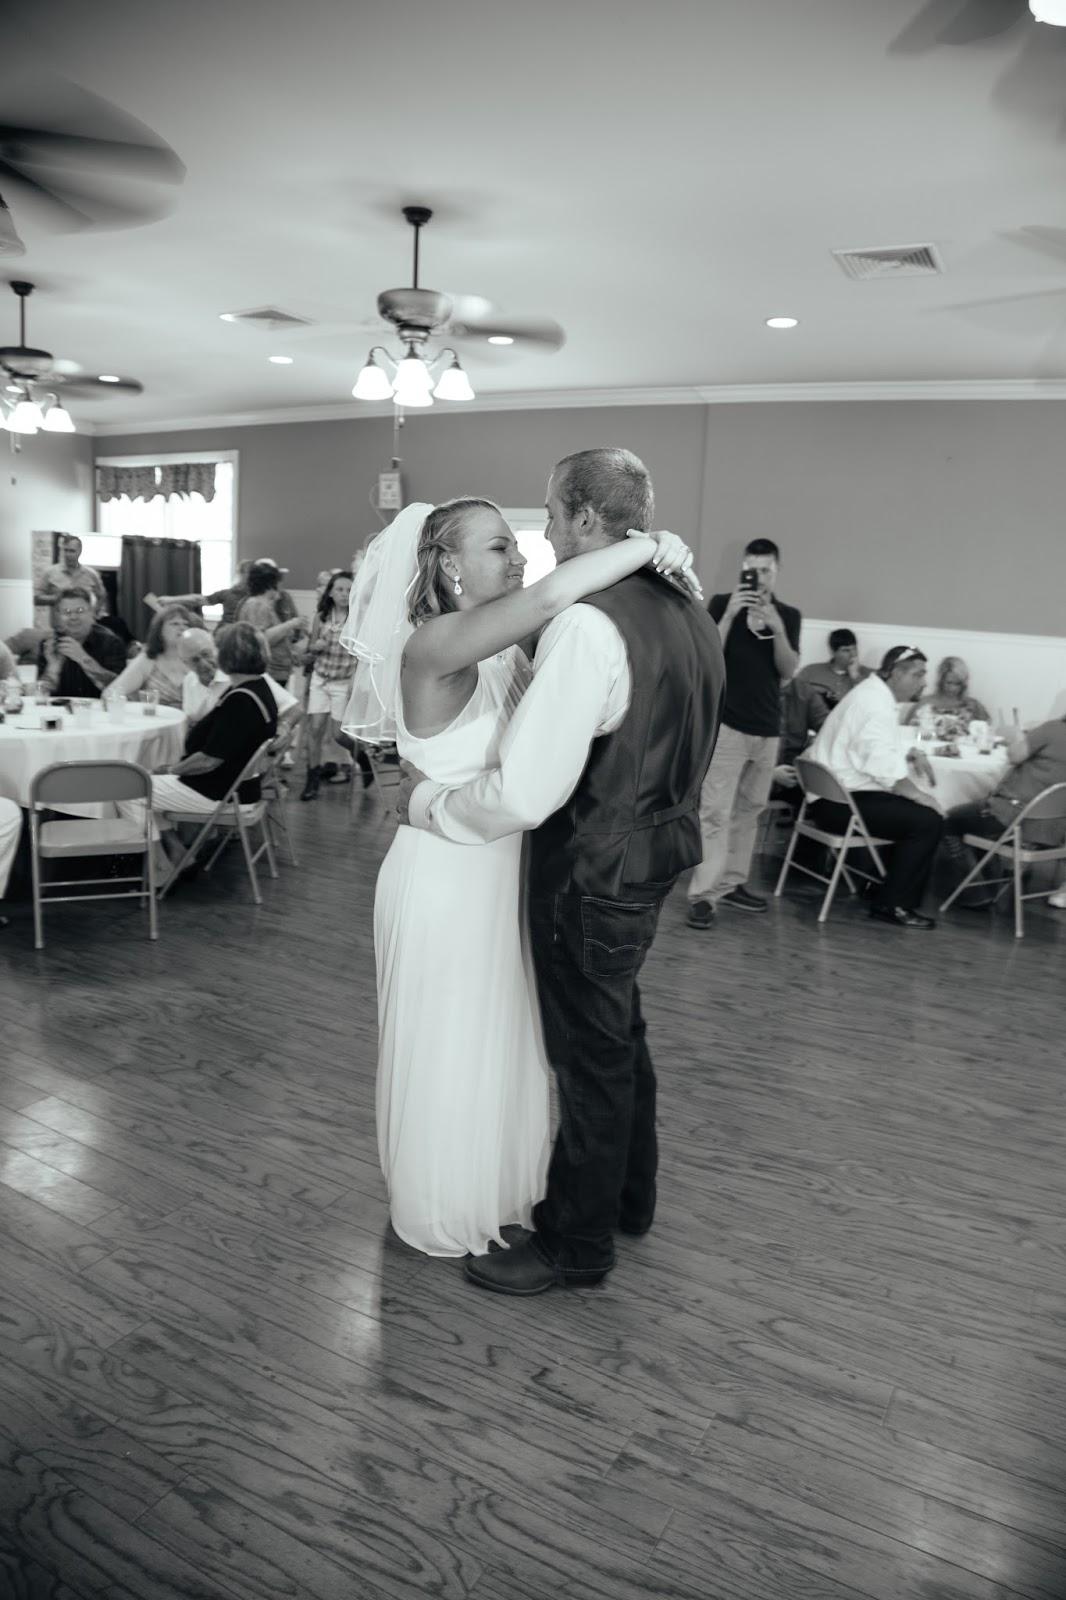 moore+wedding-62.jpg